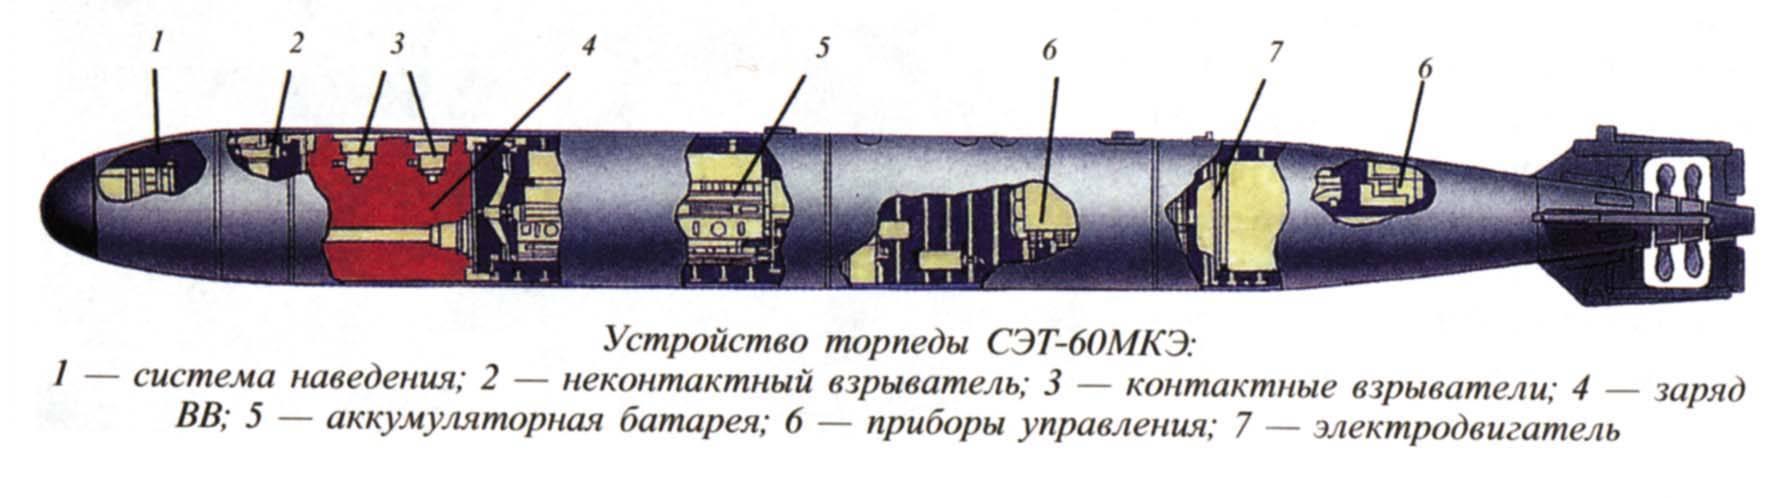 533-мм торпеда 53-38